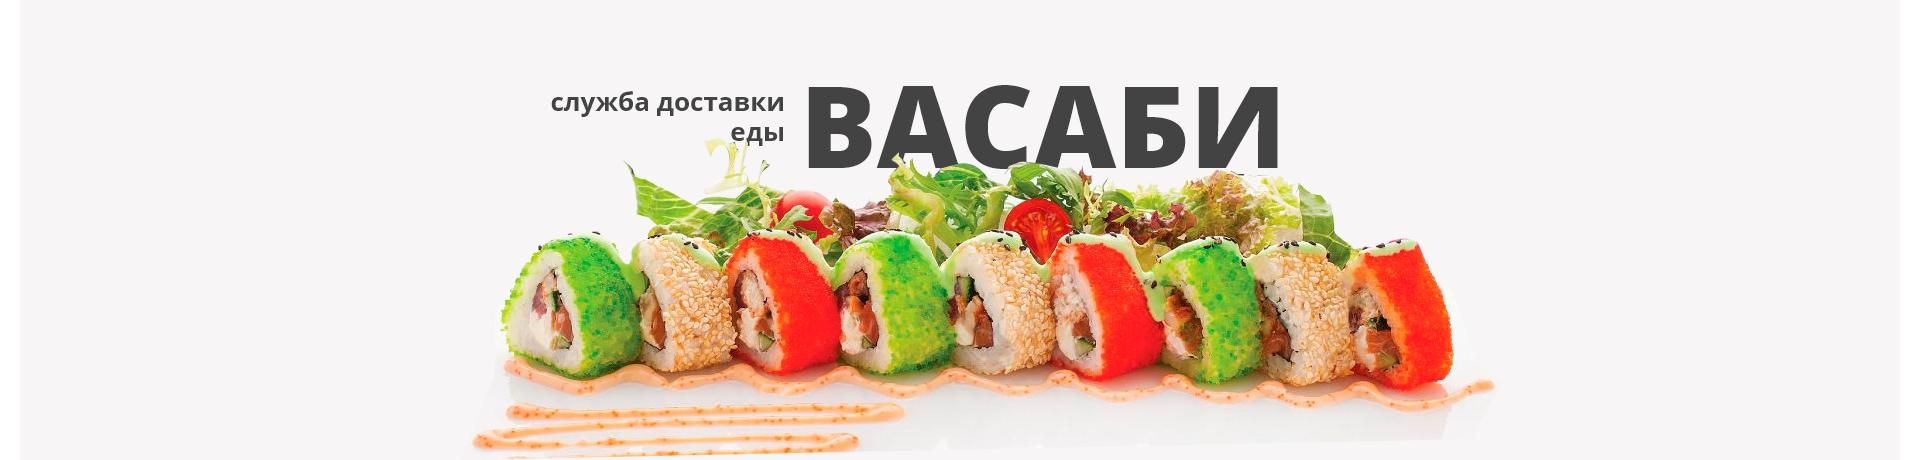 Васаби — служба доставки еды в Бийске